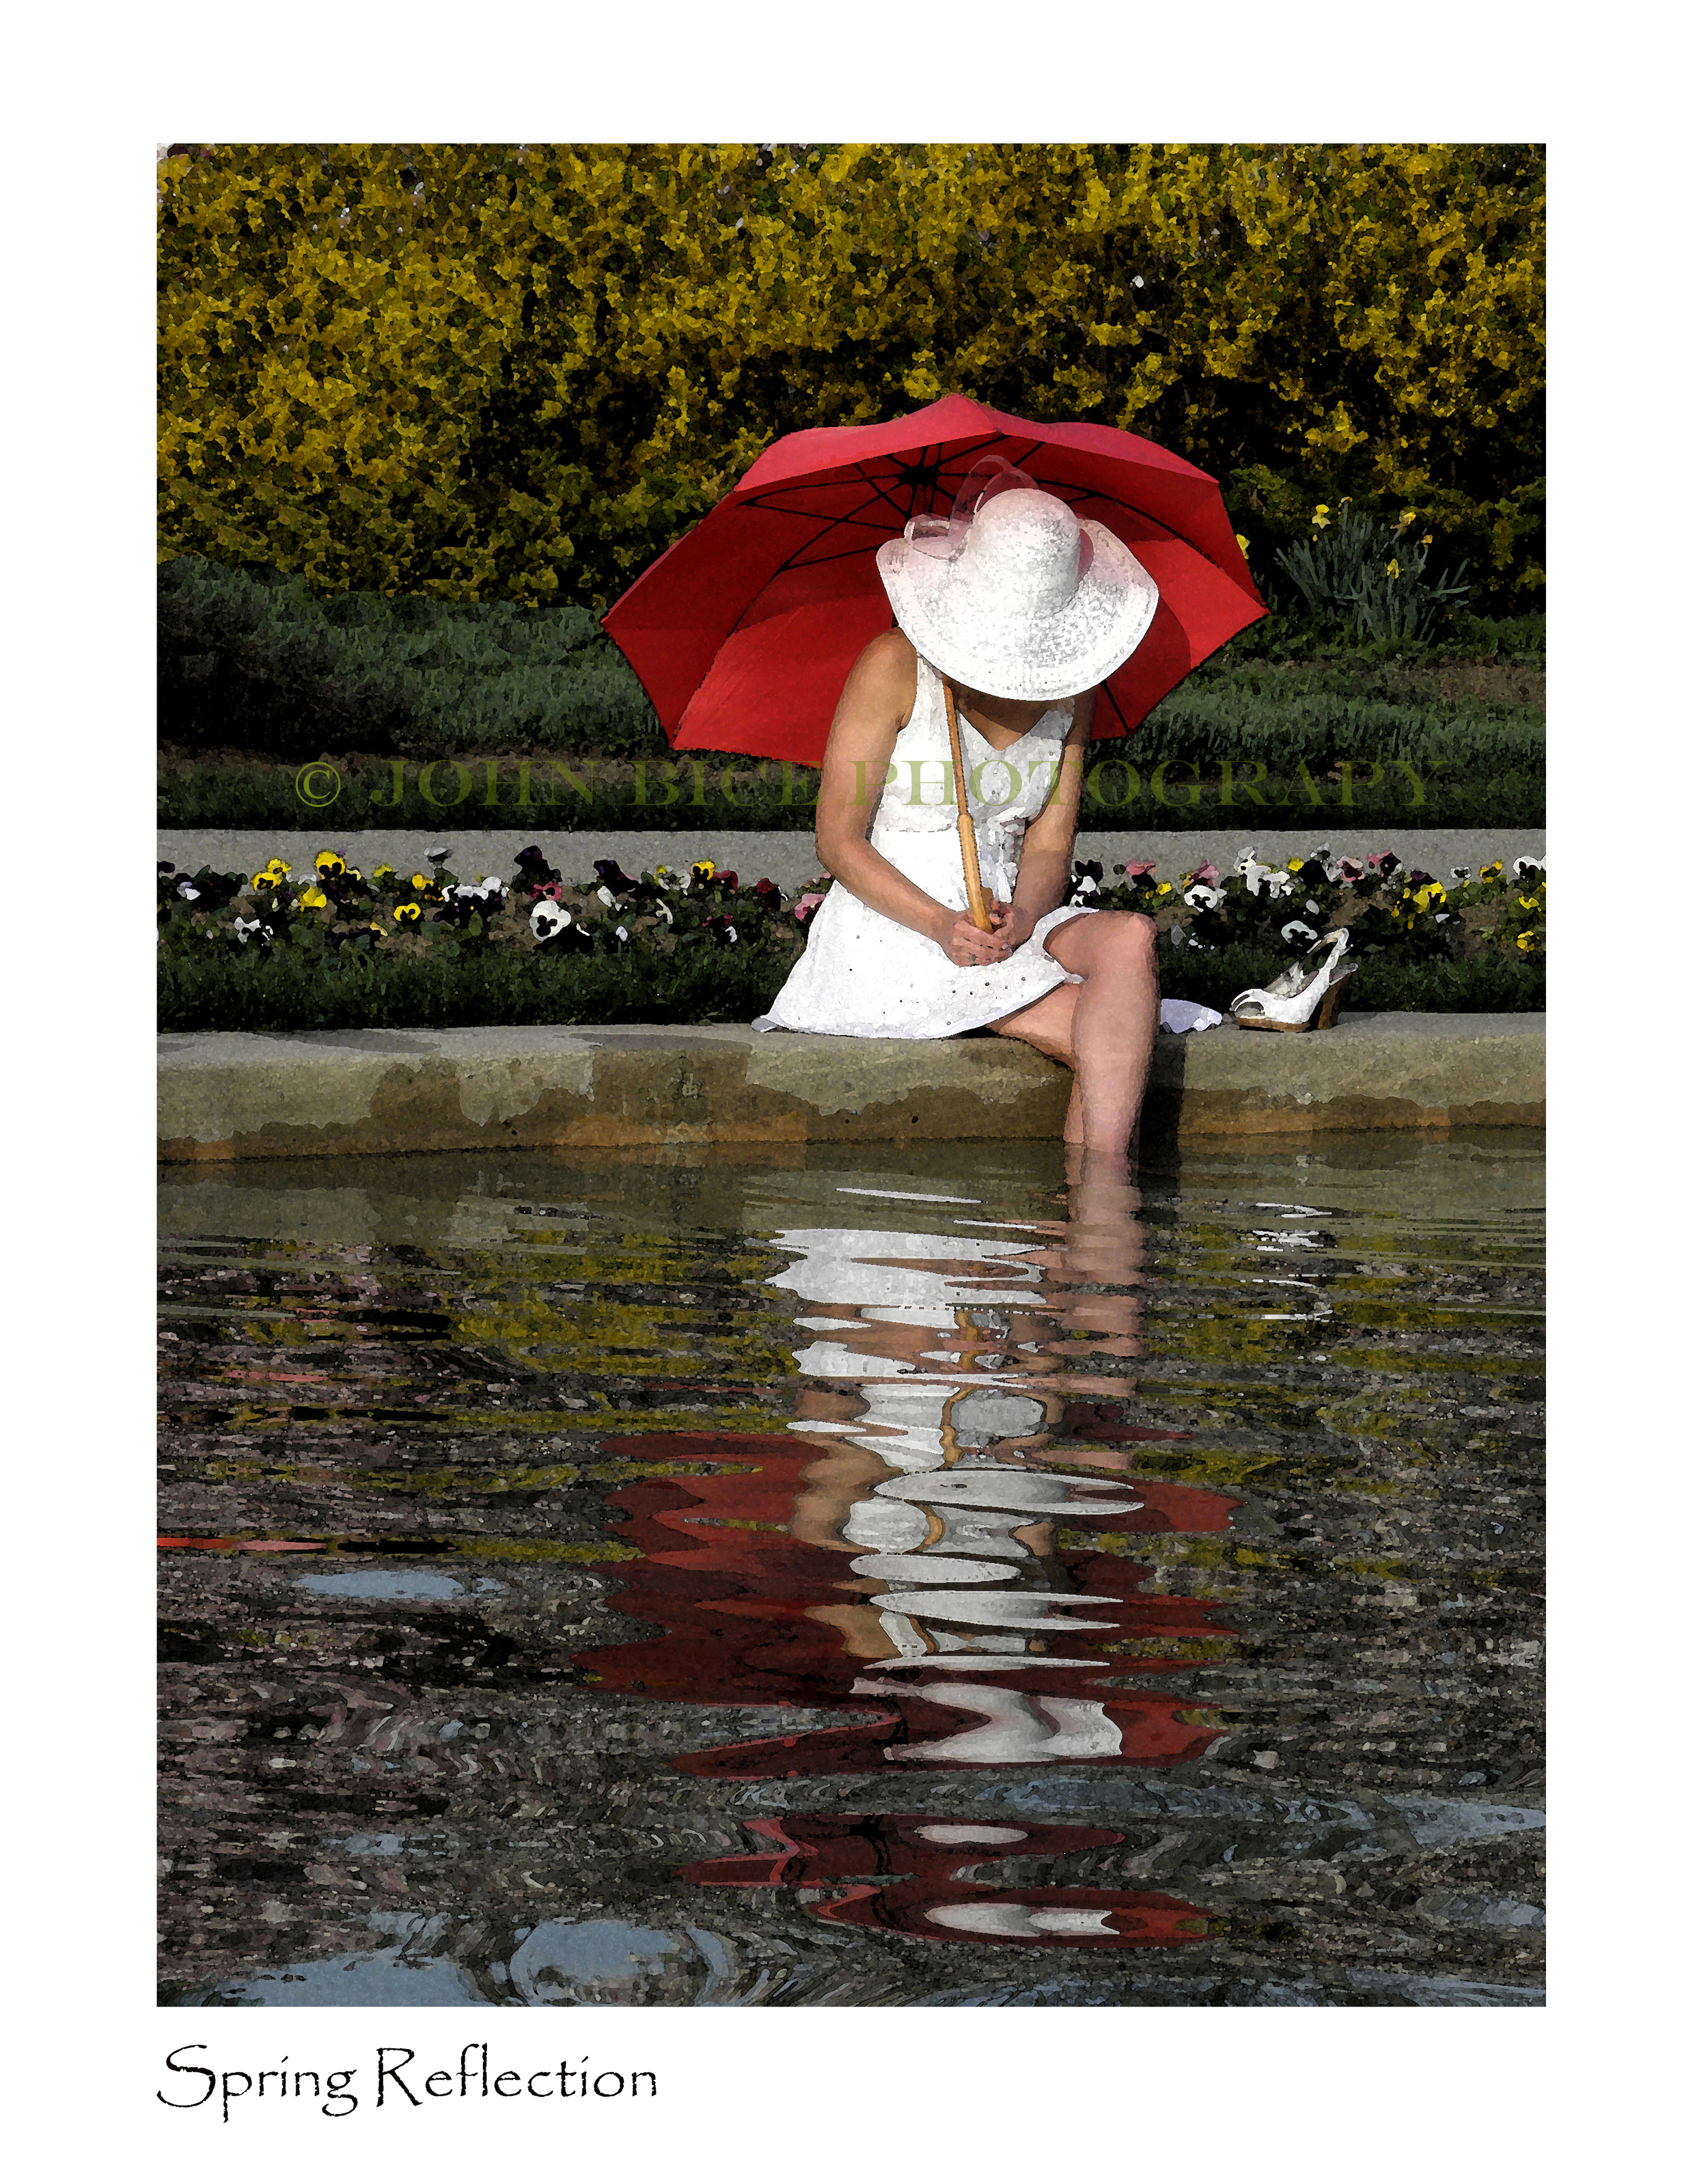 Spring Reflection.jpg